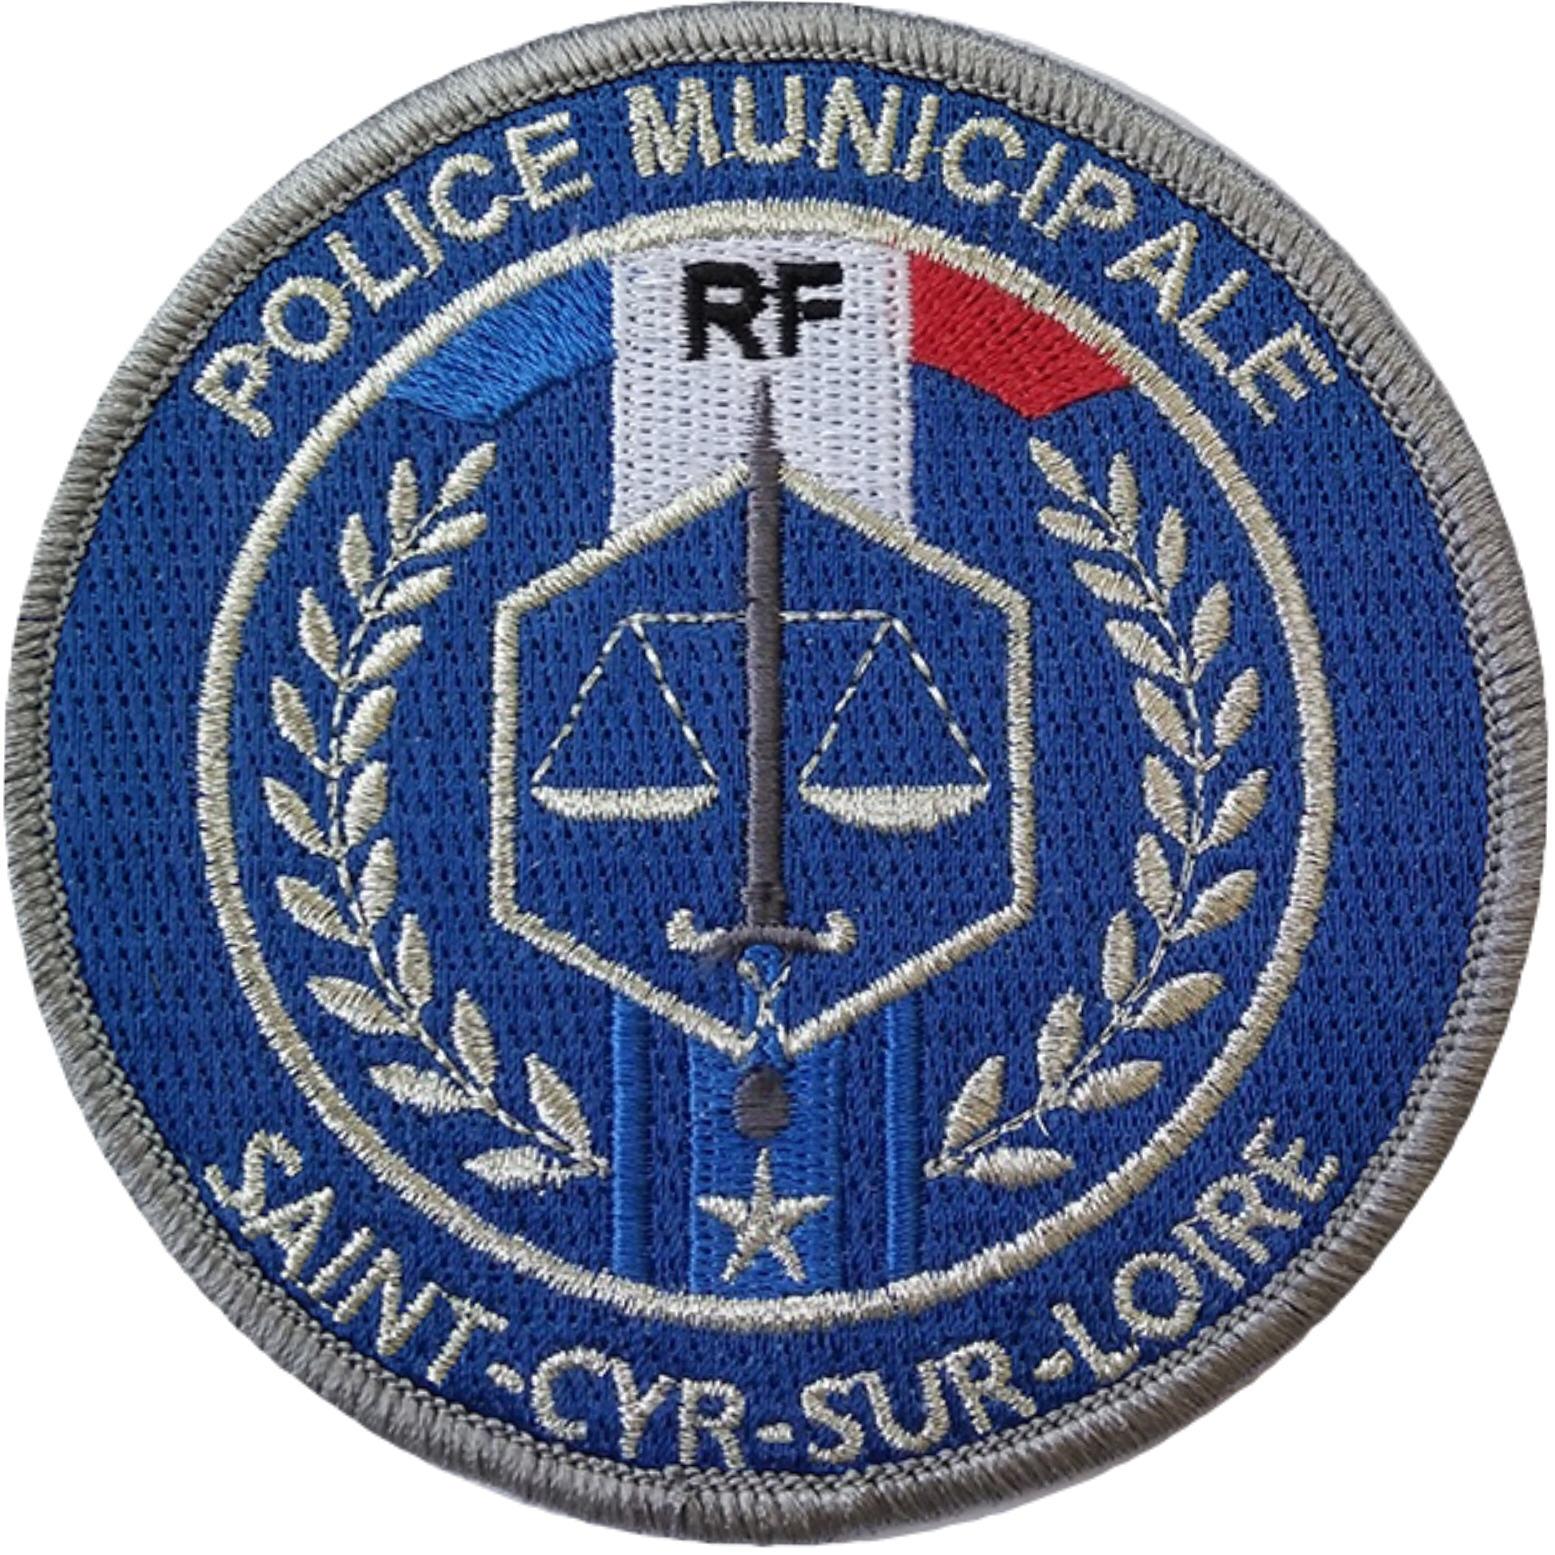 ÉCUSSON POLICE MUNICIPALE SAINT-CYR-SUR-LOIRE